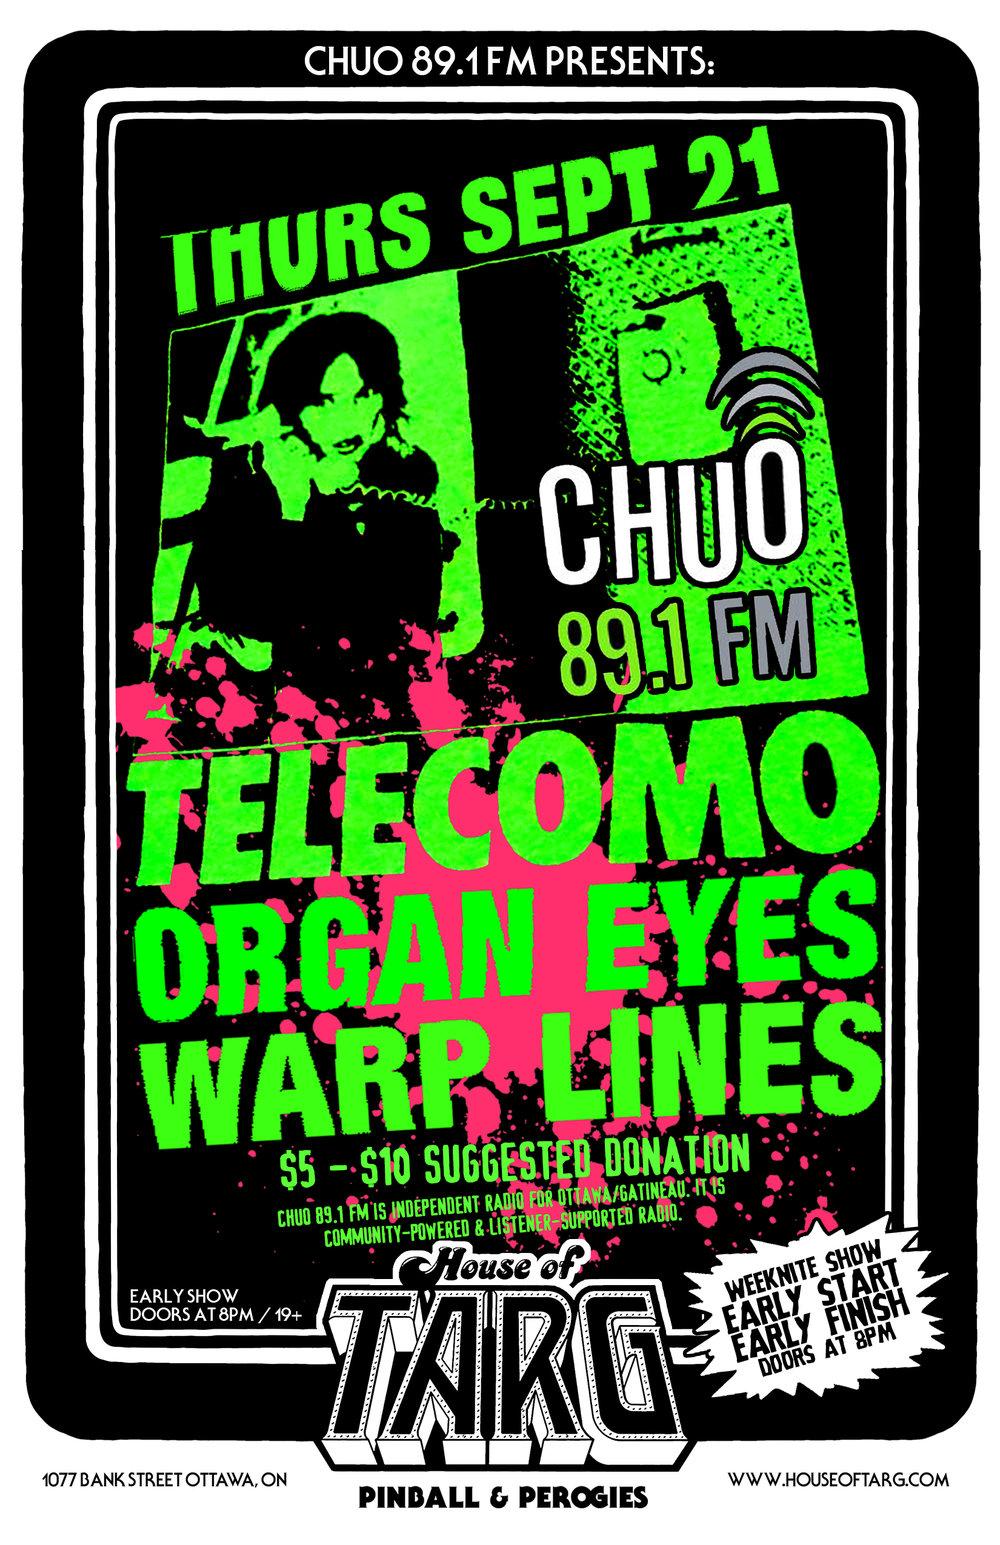 CHUO telecomo.jpg